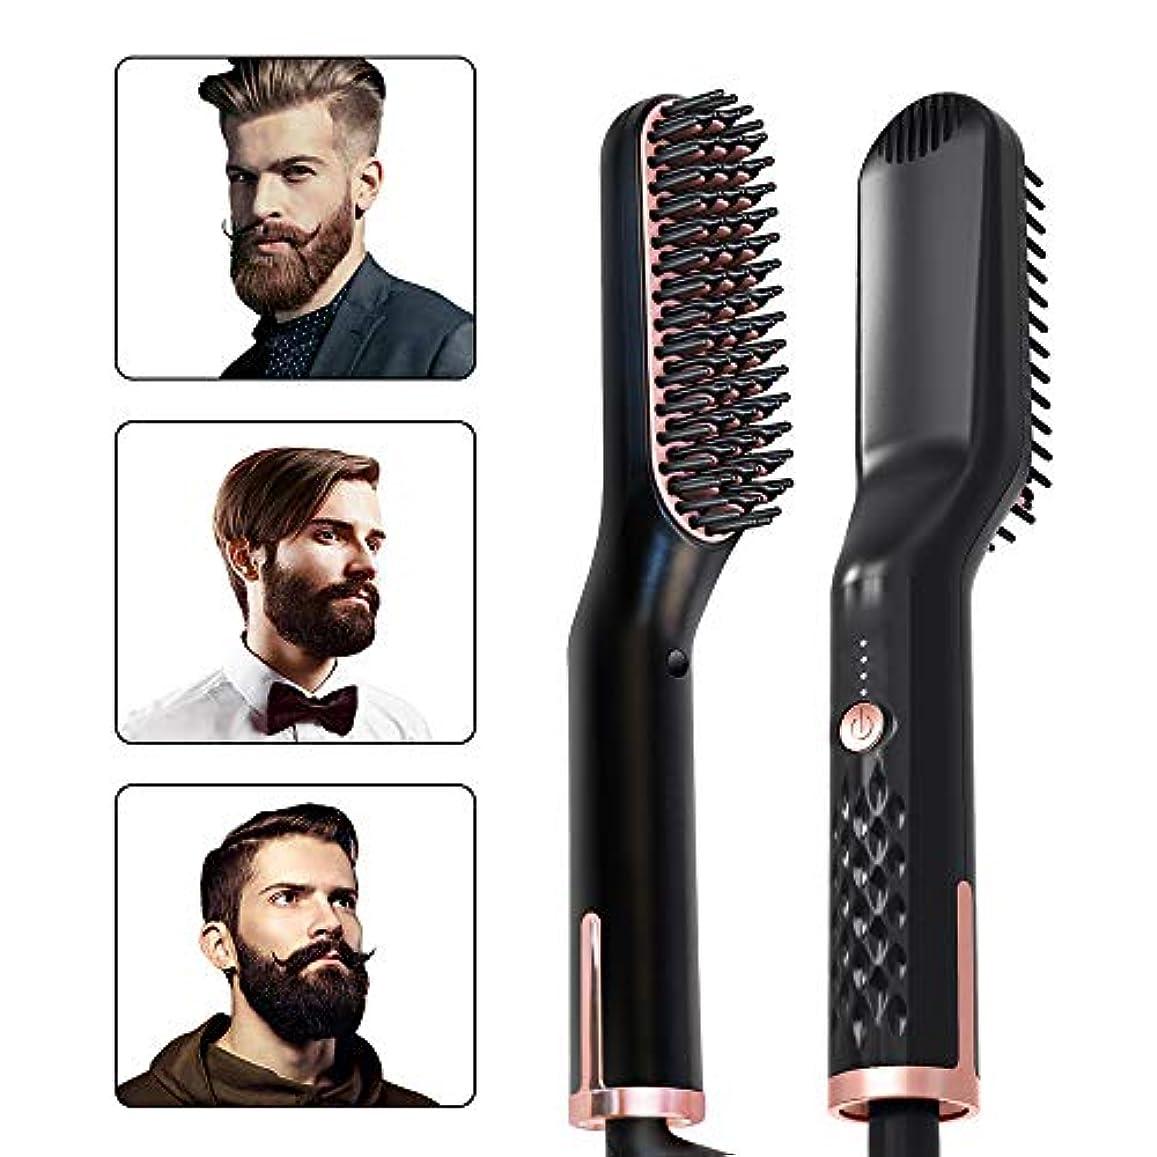 ひいきにするしっとりのみひげのくし豚毛ブラシひげの油口ひげクリームひげの水メンズスタイルストレートの髪のくし